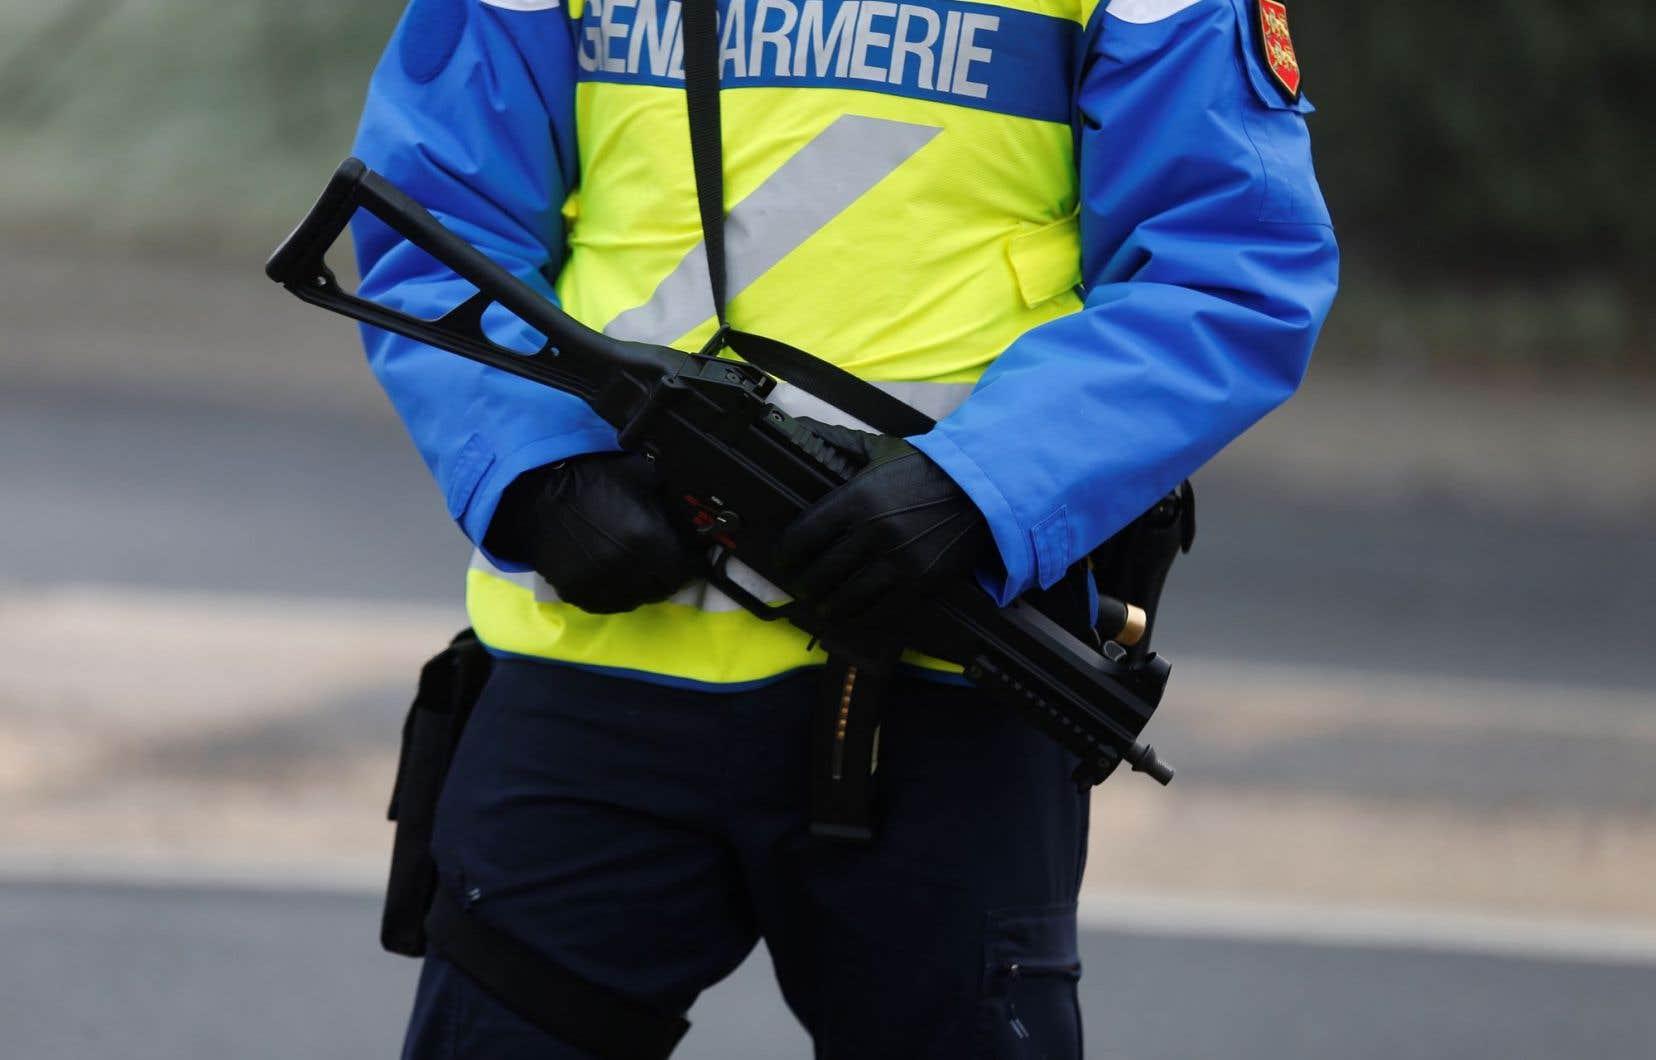 La France, où 238 personnes ont perdu la vie dans des attentats depuis janvier 2015, a joué un rôle de « leader » européen dans ce durcissement législatif.